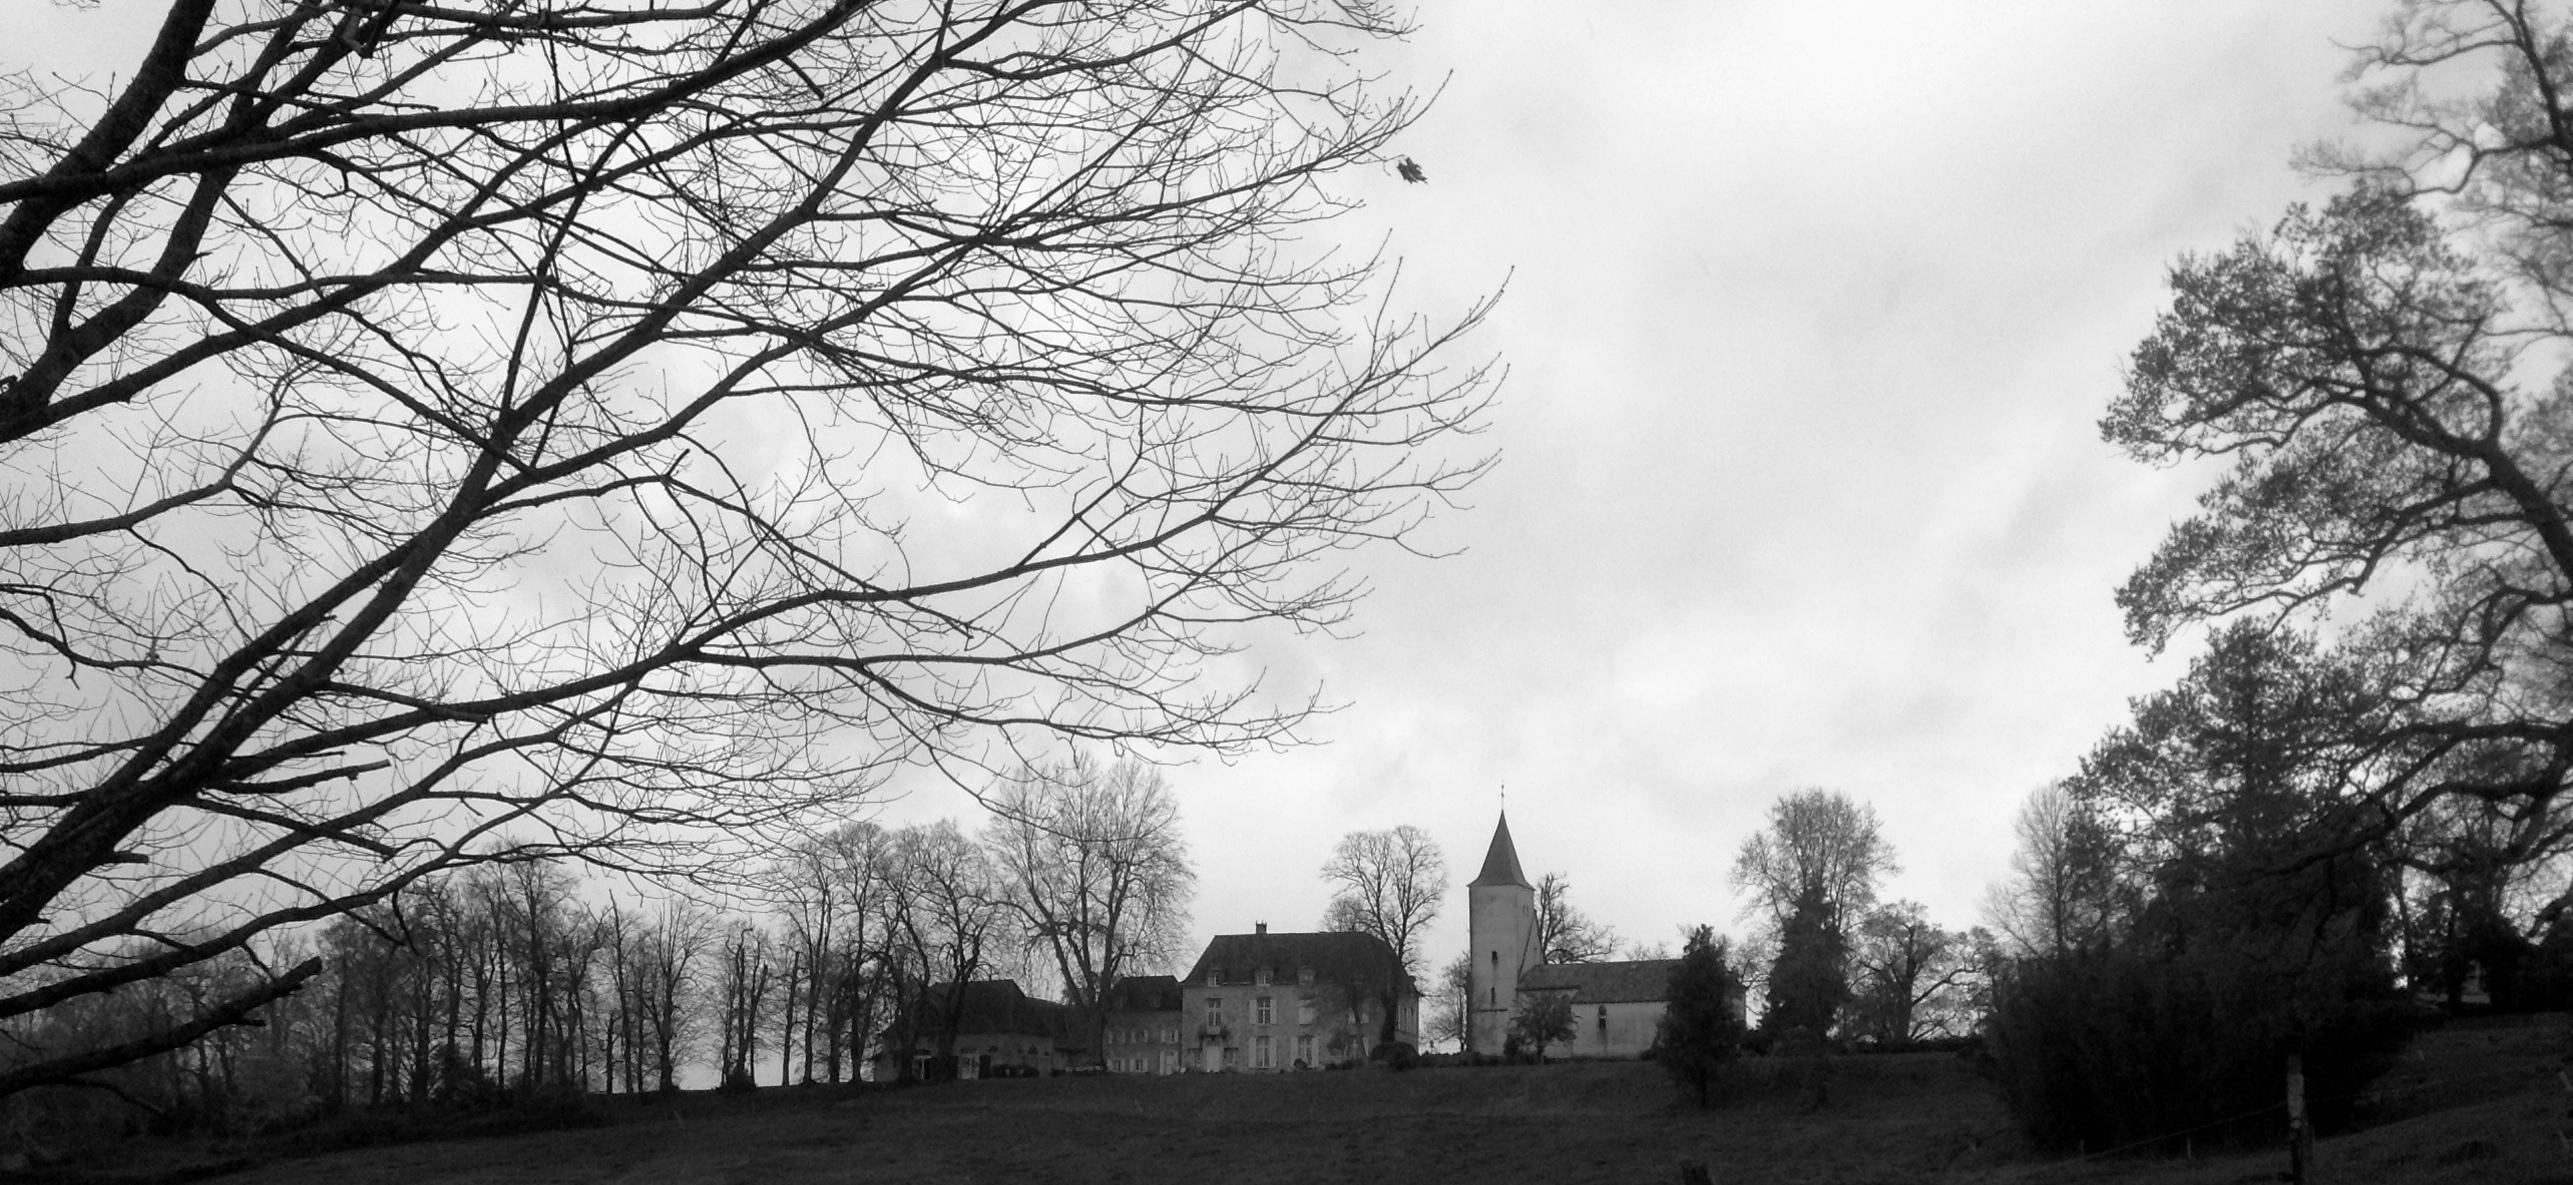 Château d'Orion mit angrenzender Kirche (Region Aquitaine, Frankreich)